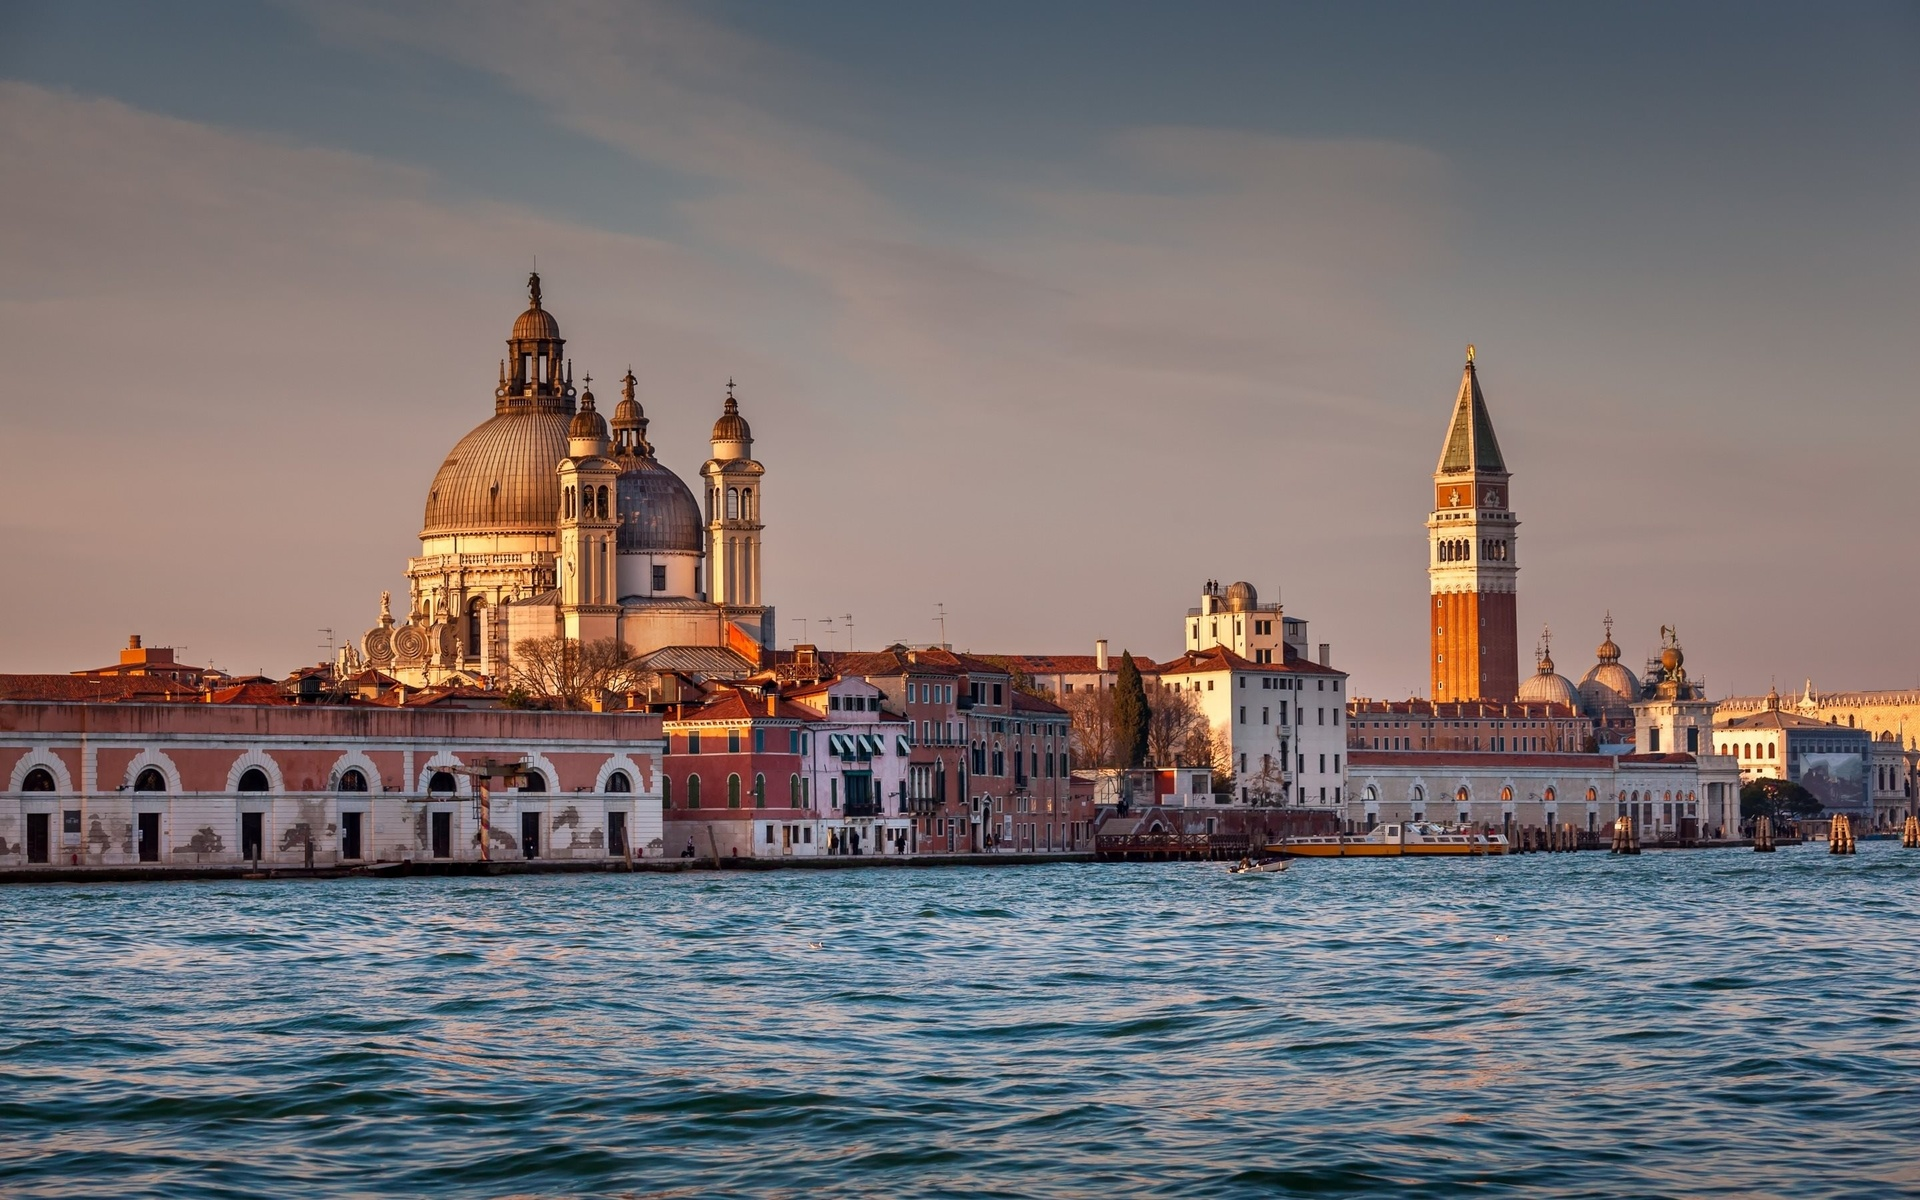 санта-мария-делла-салюте, венеция, италия, закат, гранд-канал, дорсодуро, барокко, туризм, достопримечательности венеции